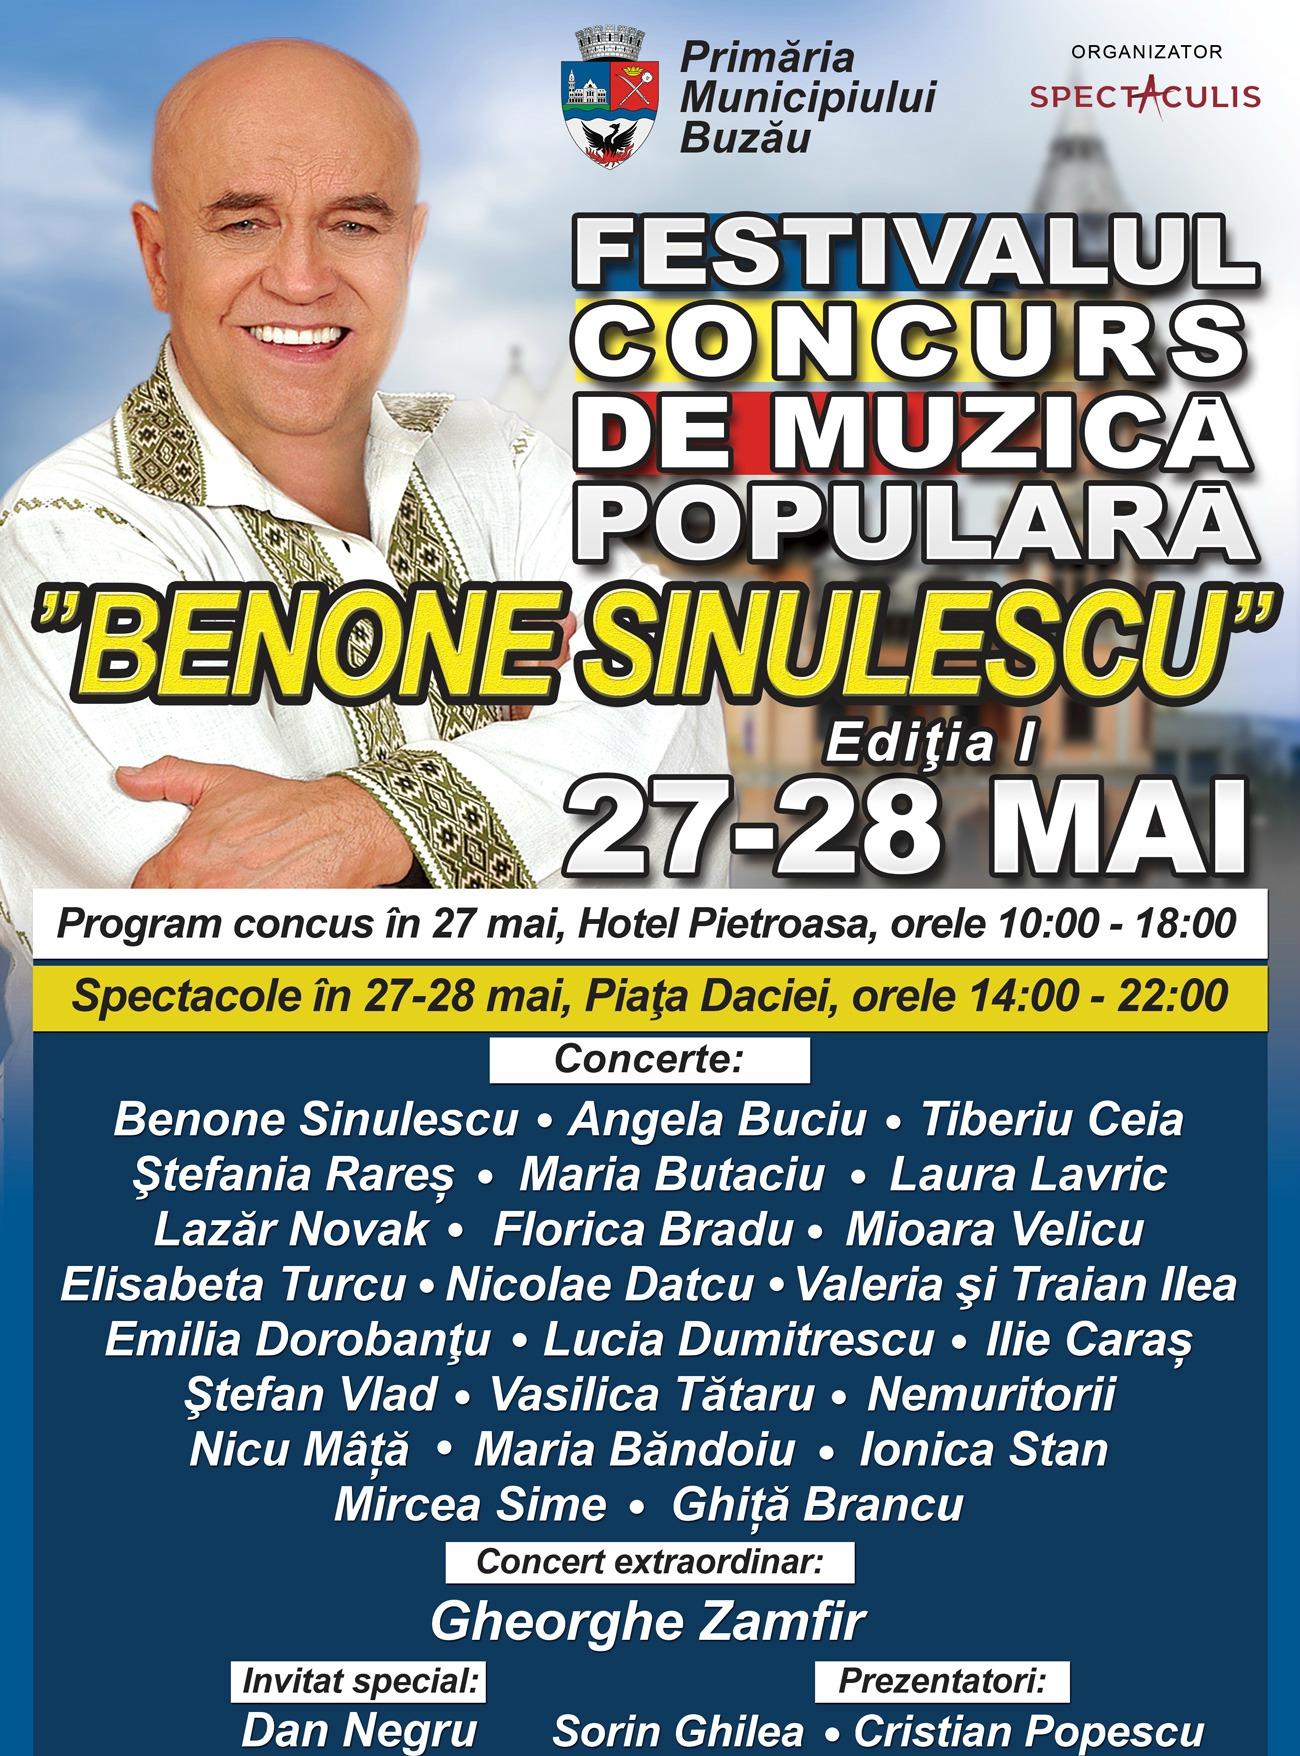 VIDEO/ Benone Sinulescu împlinește 80 de ani. Cel mai valoros solist de muzică populară în viață, sărbătorit cu un festival în orașul natal